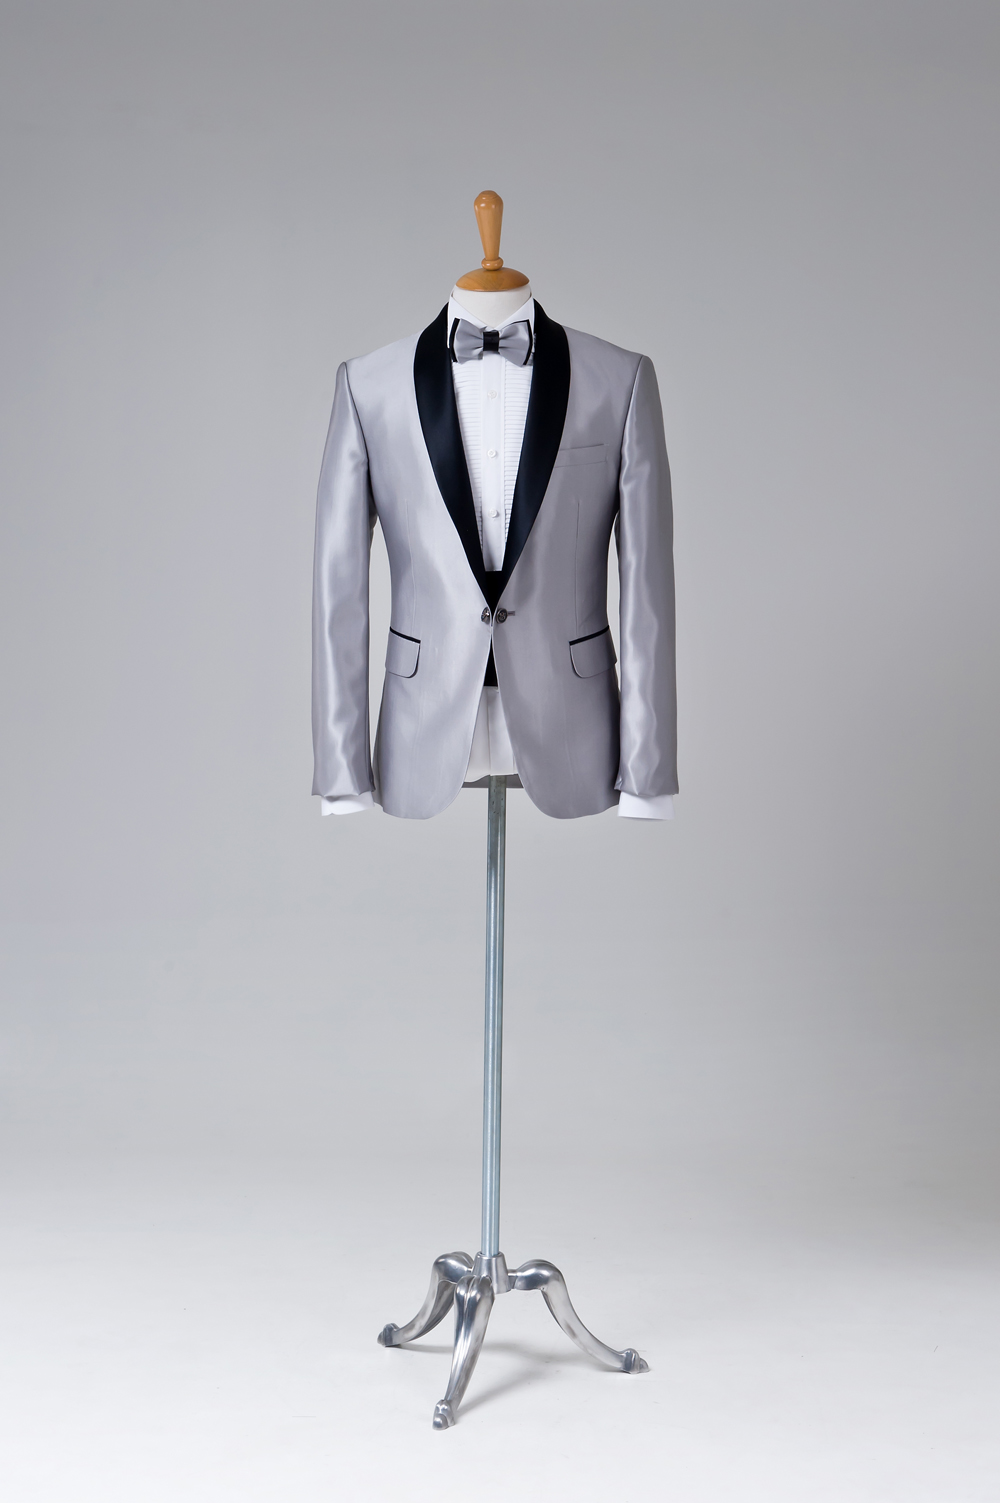 Comment porter le costume de mariage homme gris clair ?